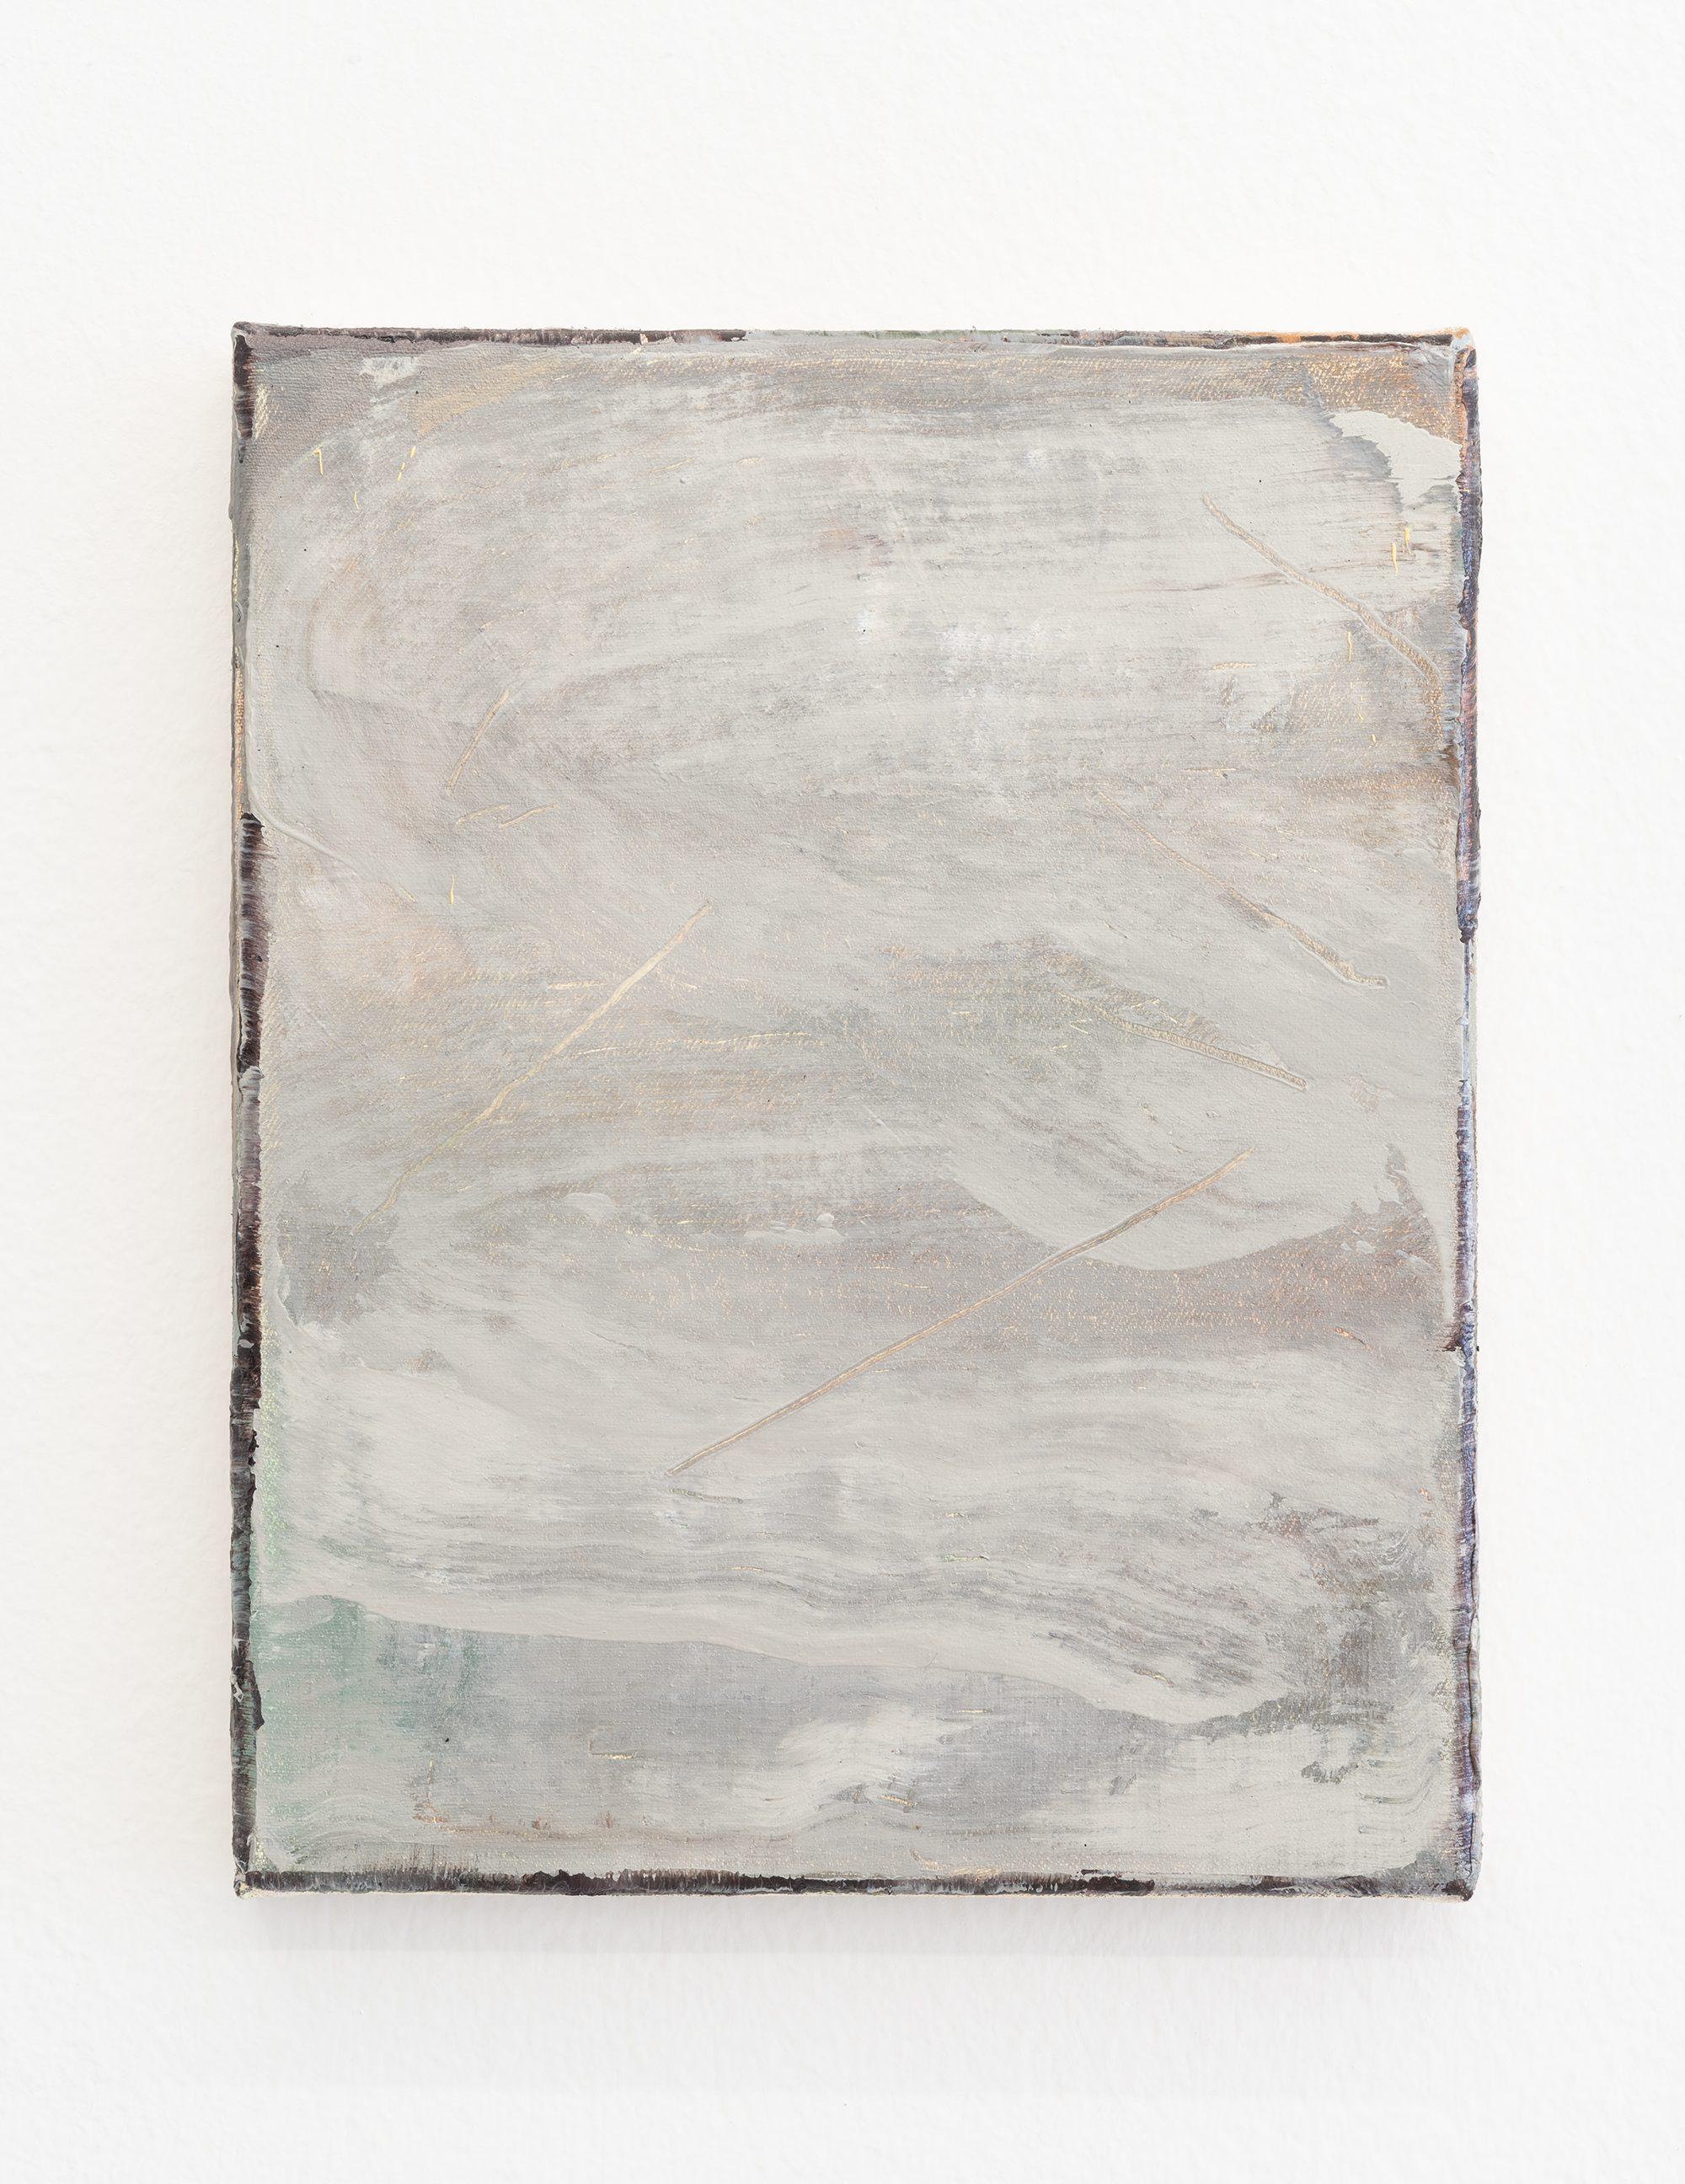 10. Nazzarena Poli Maramotti, Weiss, mixed media on canvas, 25x20cm, 2018